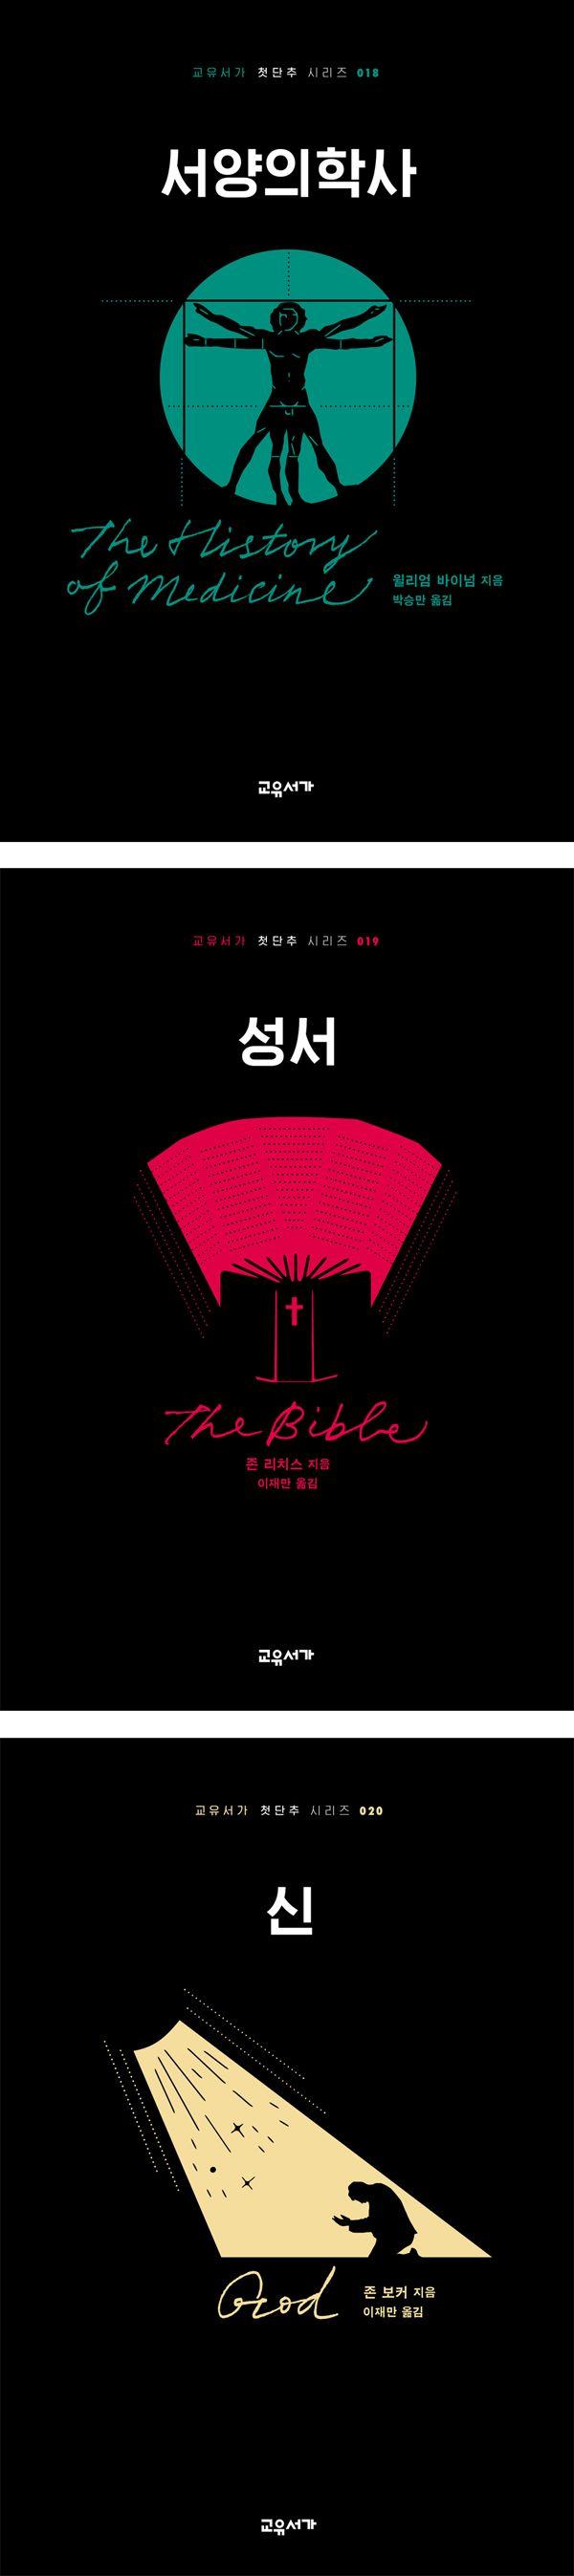 교유서가 첫단추 시리즈 서양의학사 / 성서 / 신 무선커버